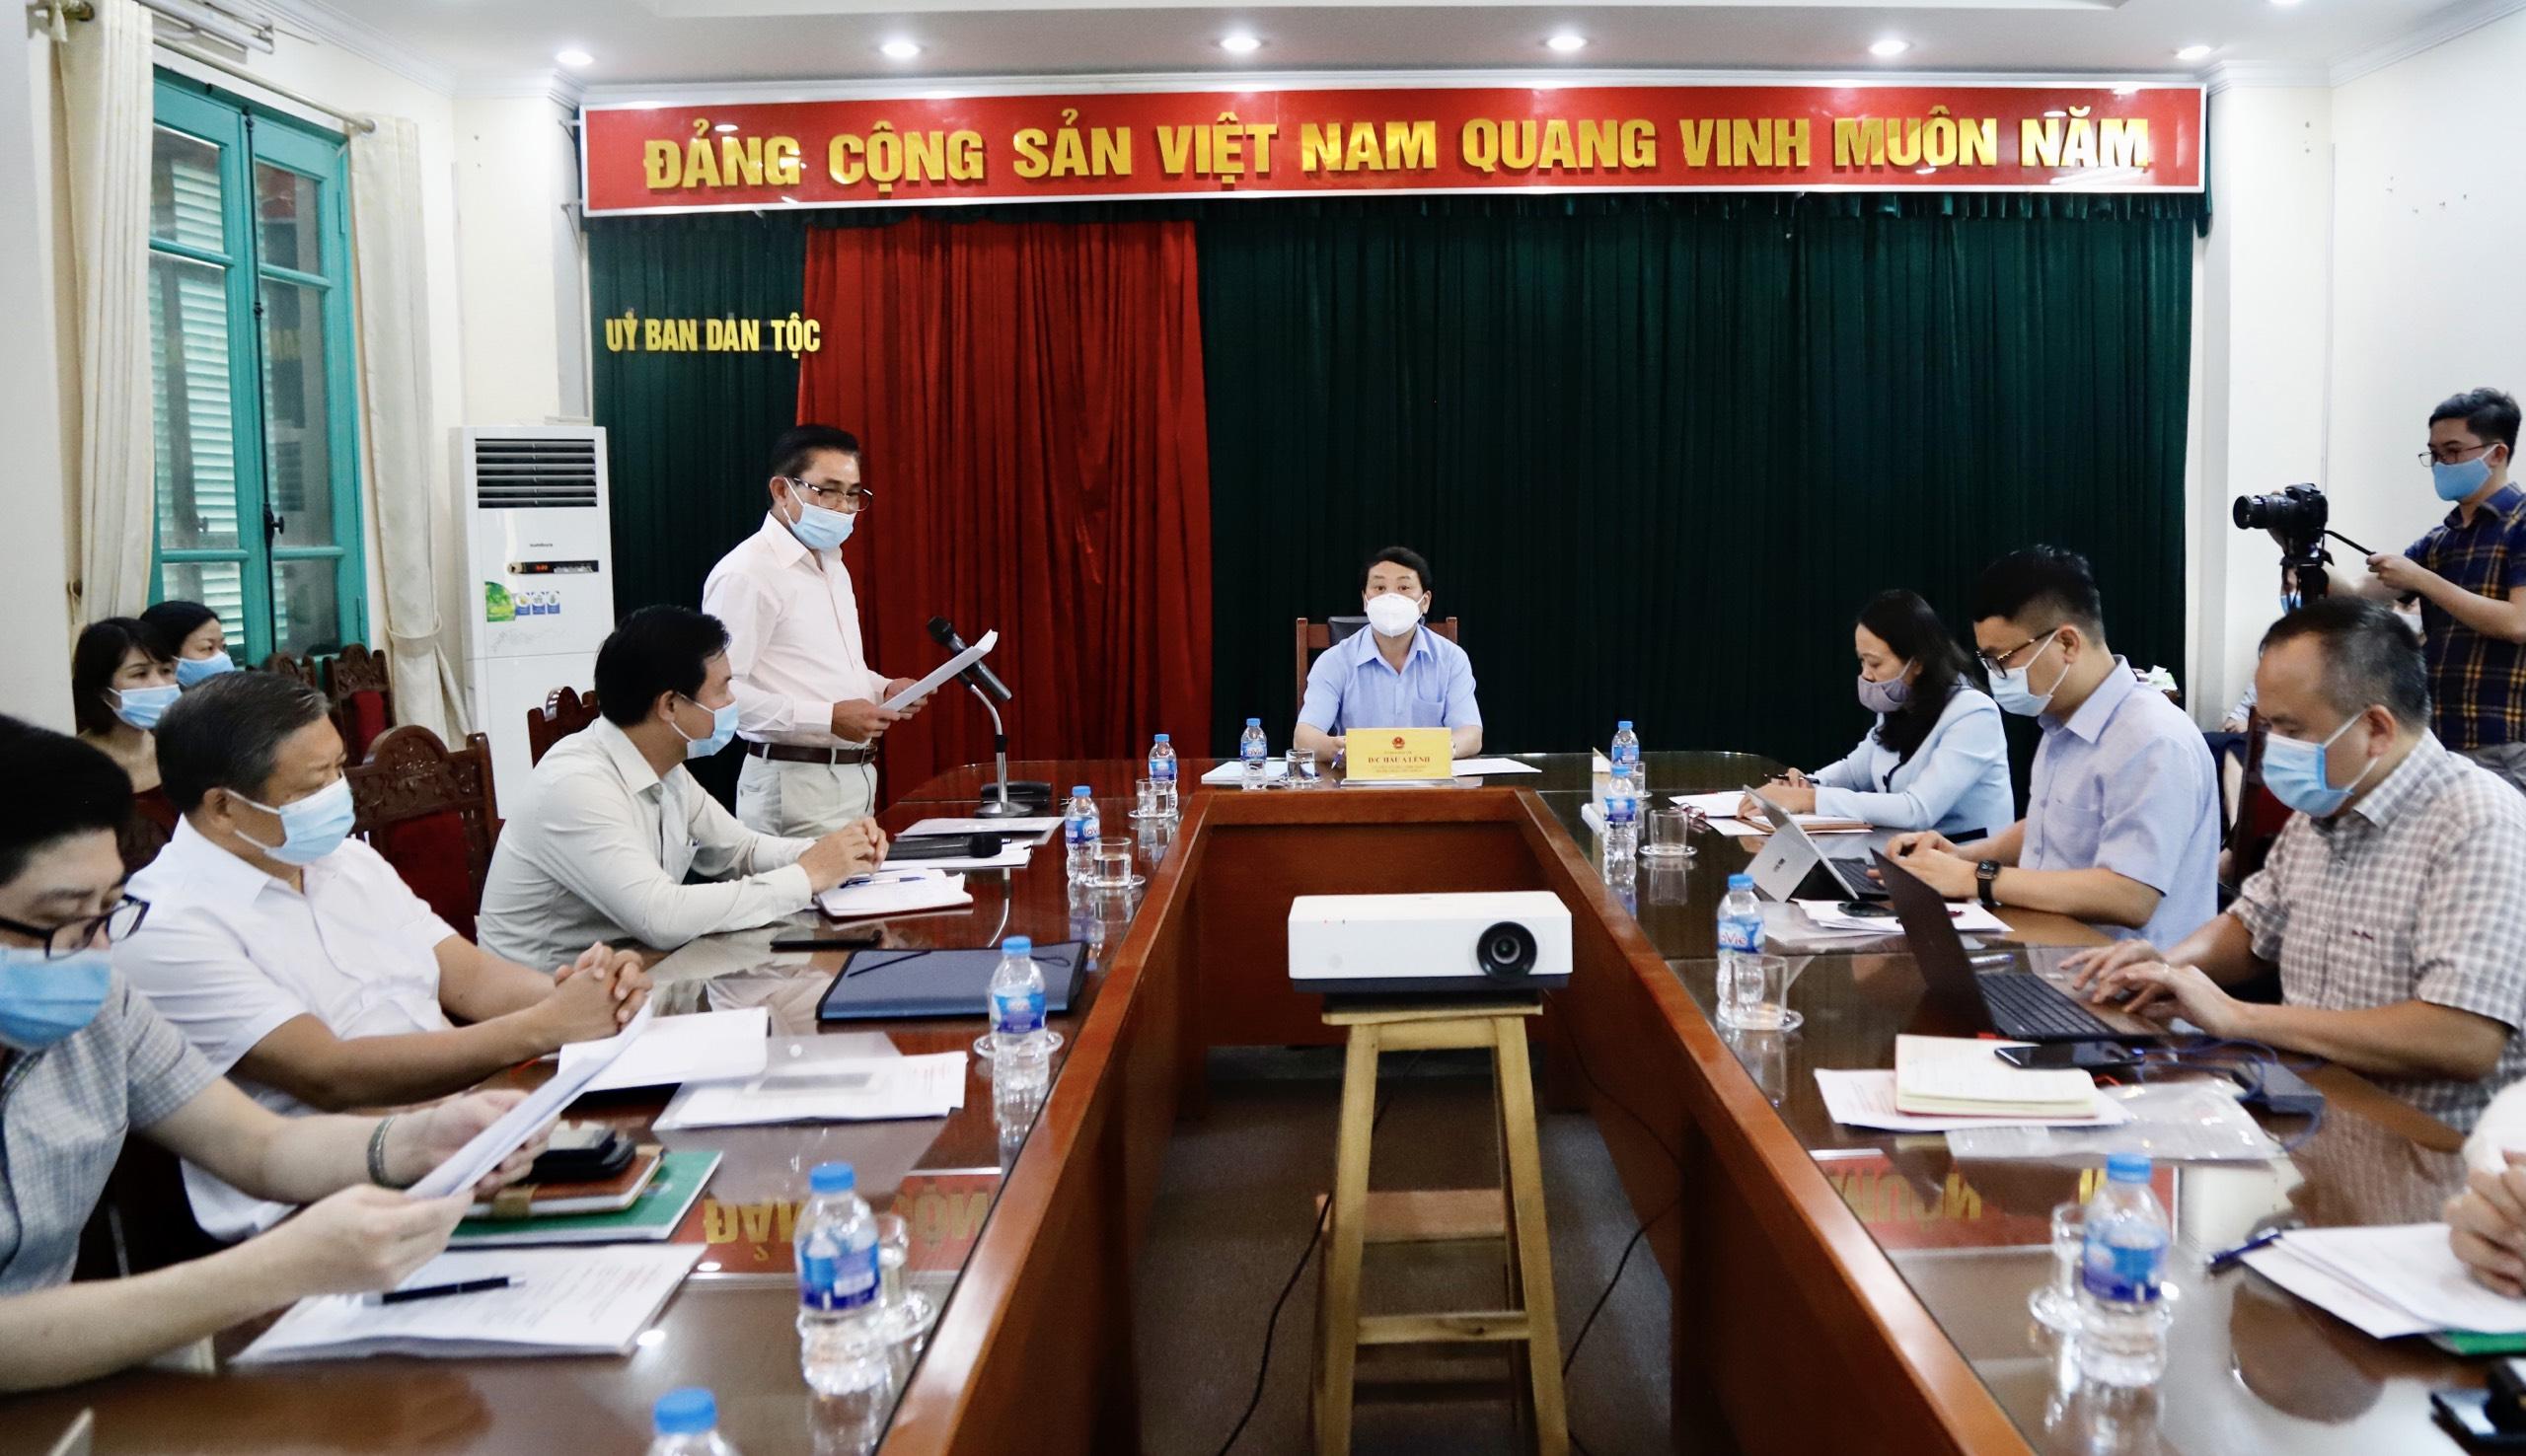 Ông Lê Công Bình, Tổng Biên tập Báo Dân tộc và Phát triển báo cáo tình hình thực hiện nhiệm vụ của đơn vị